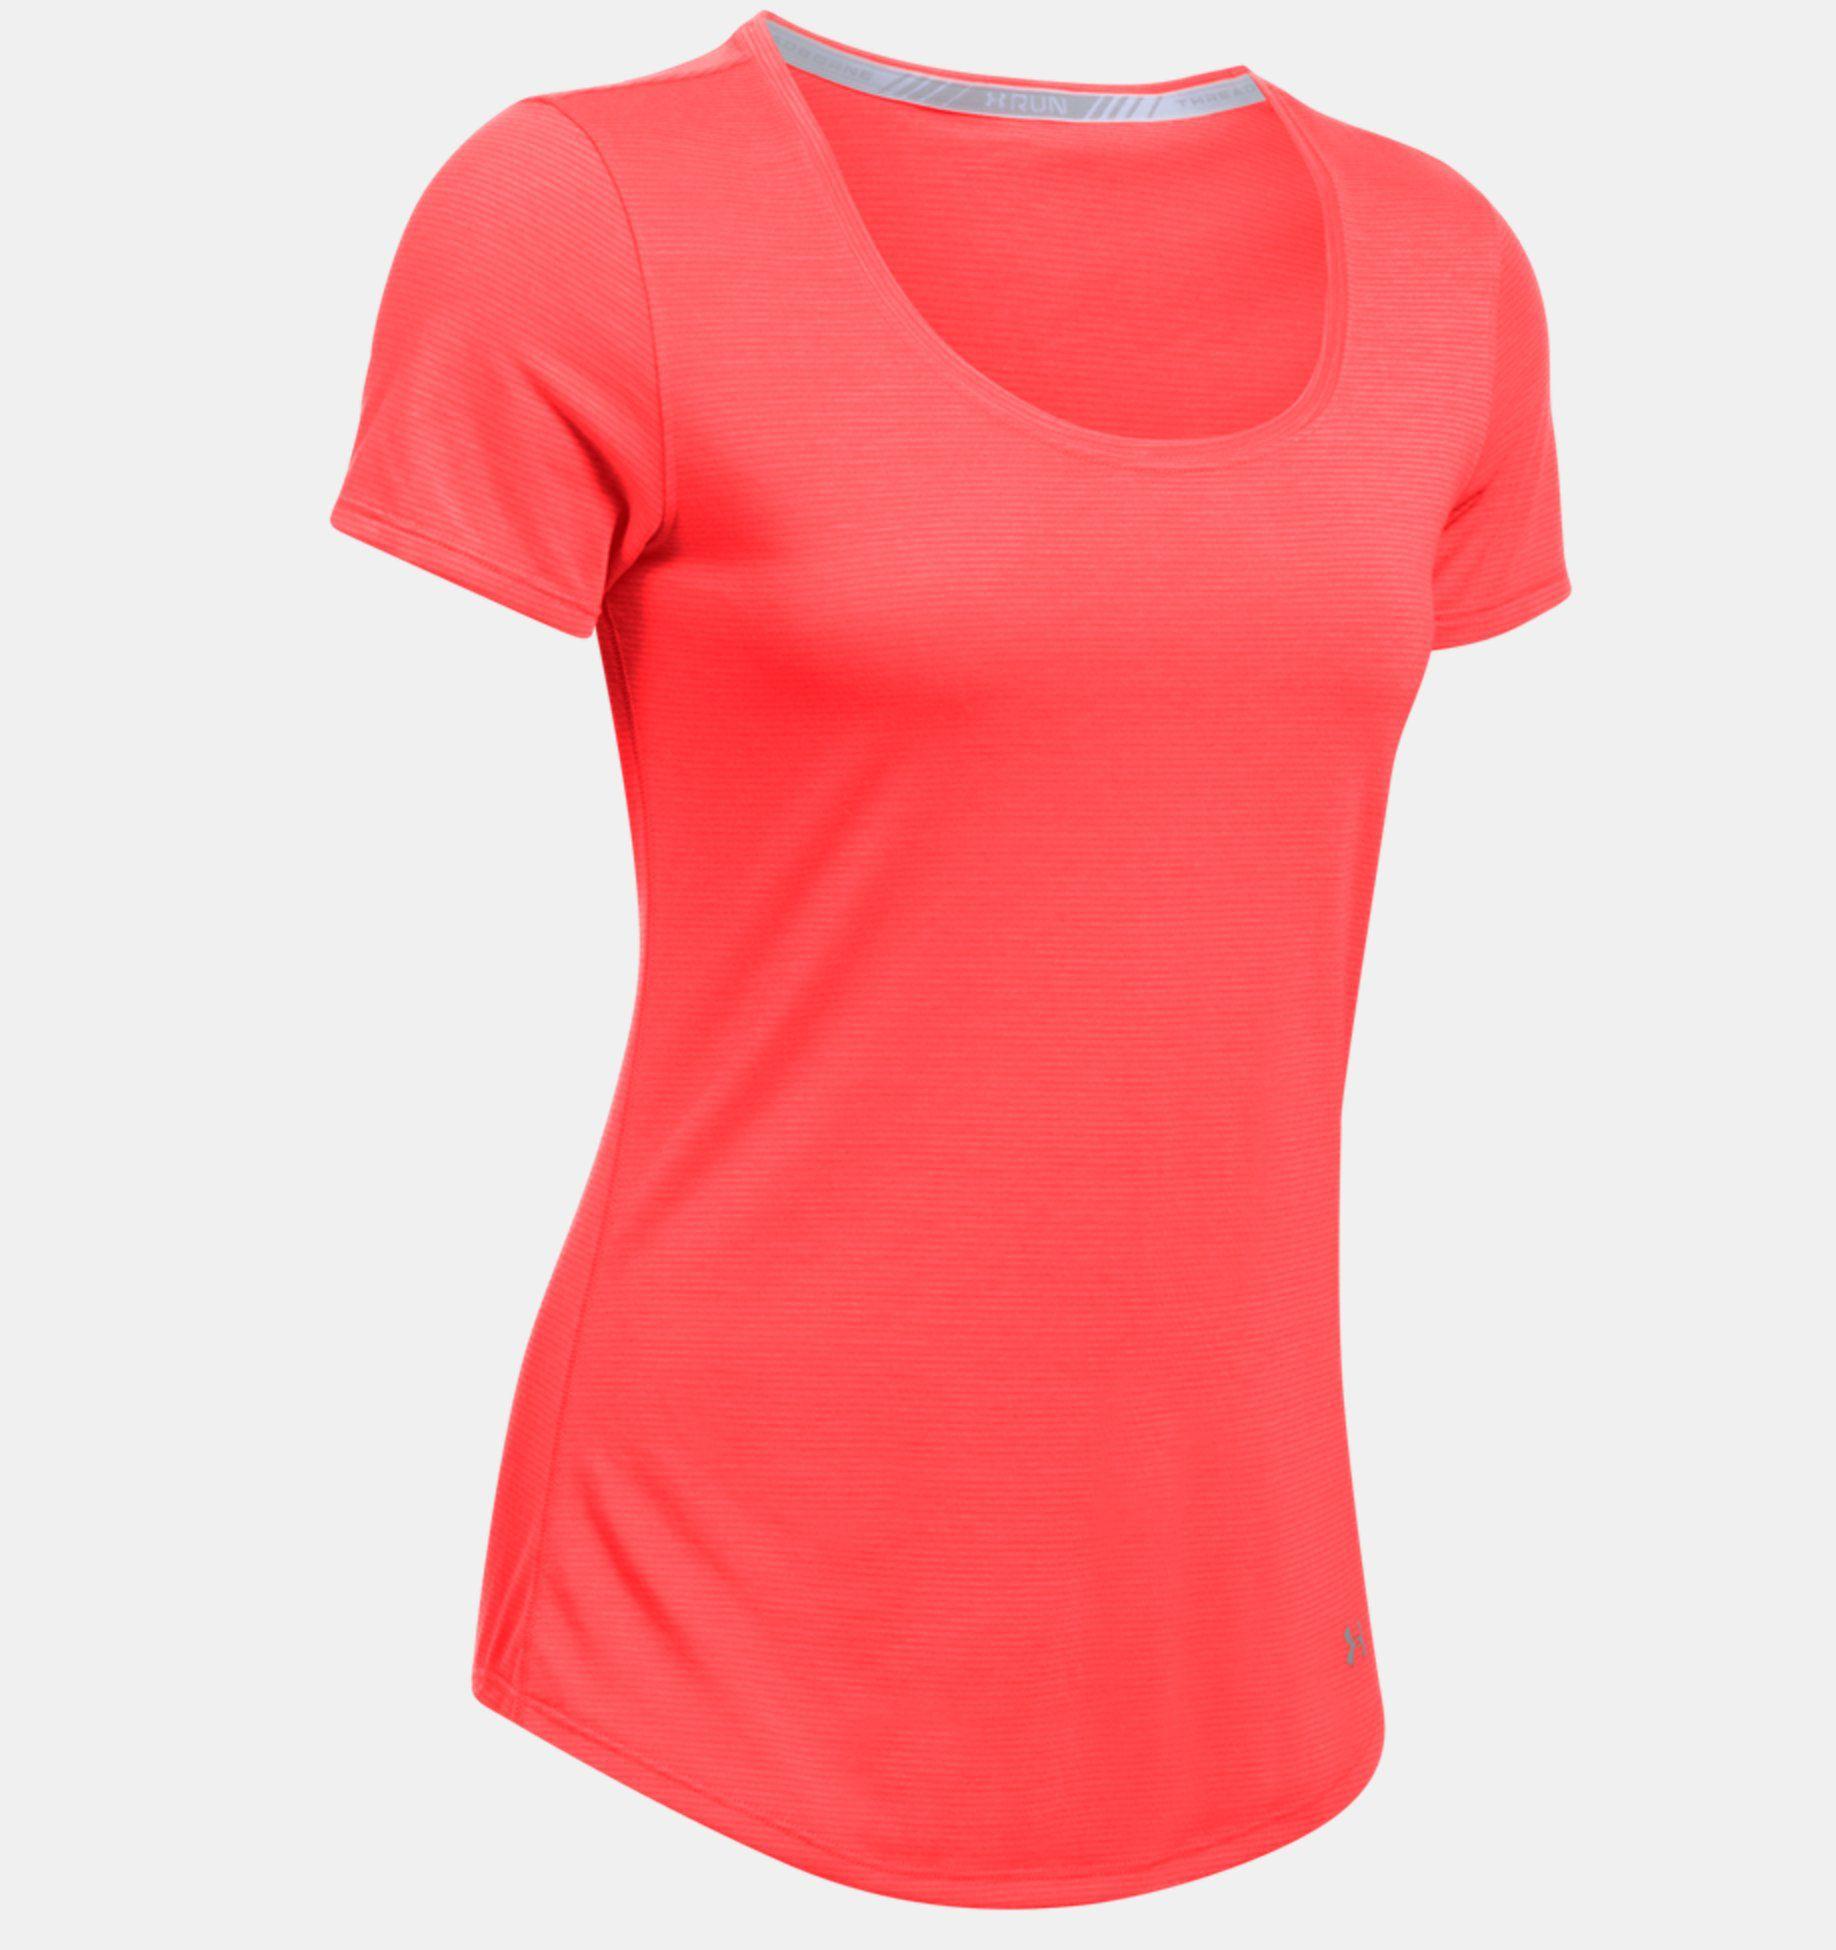 Camiseta Feminina Under Armour Tborne Streaker